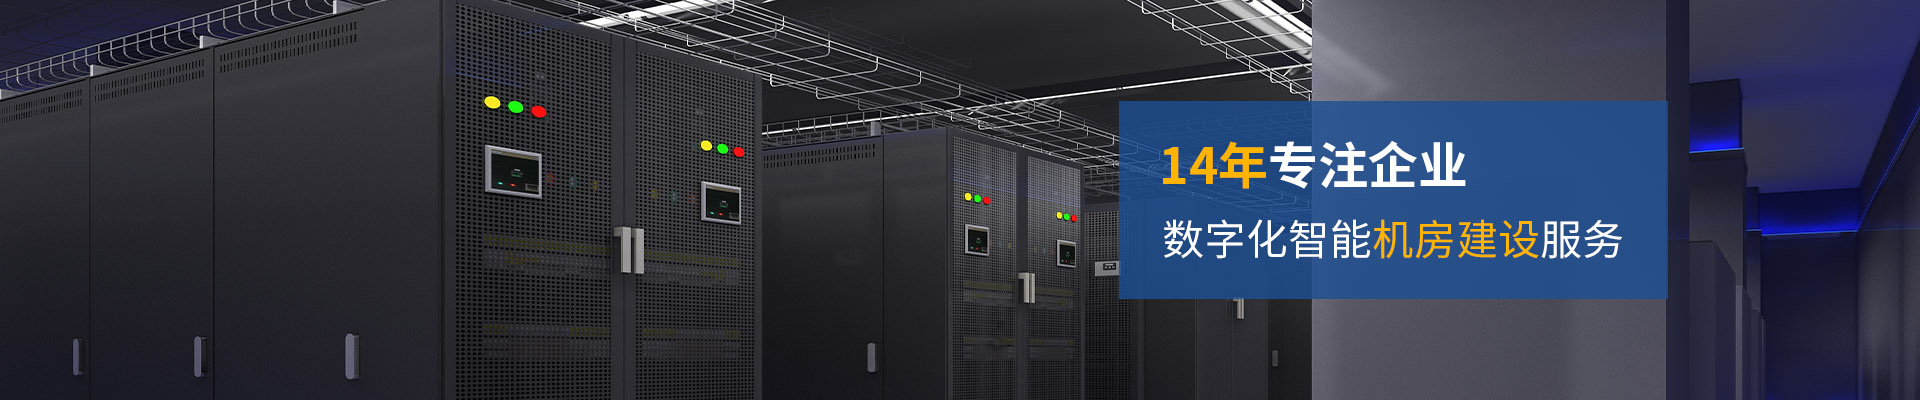 华思特-14年专注企业数字化智能机房建设服务